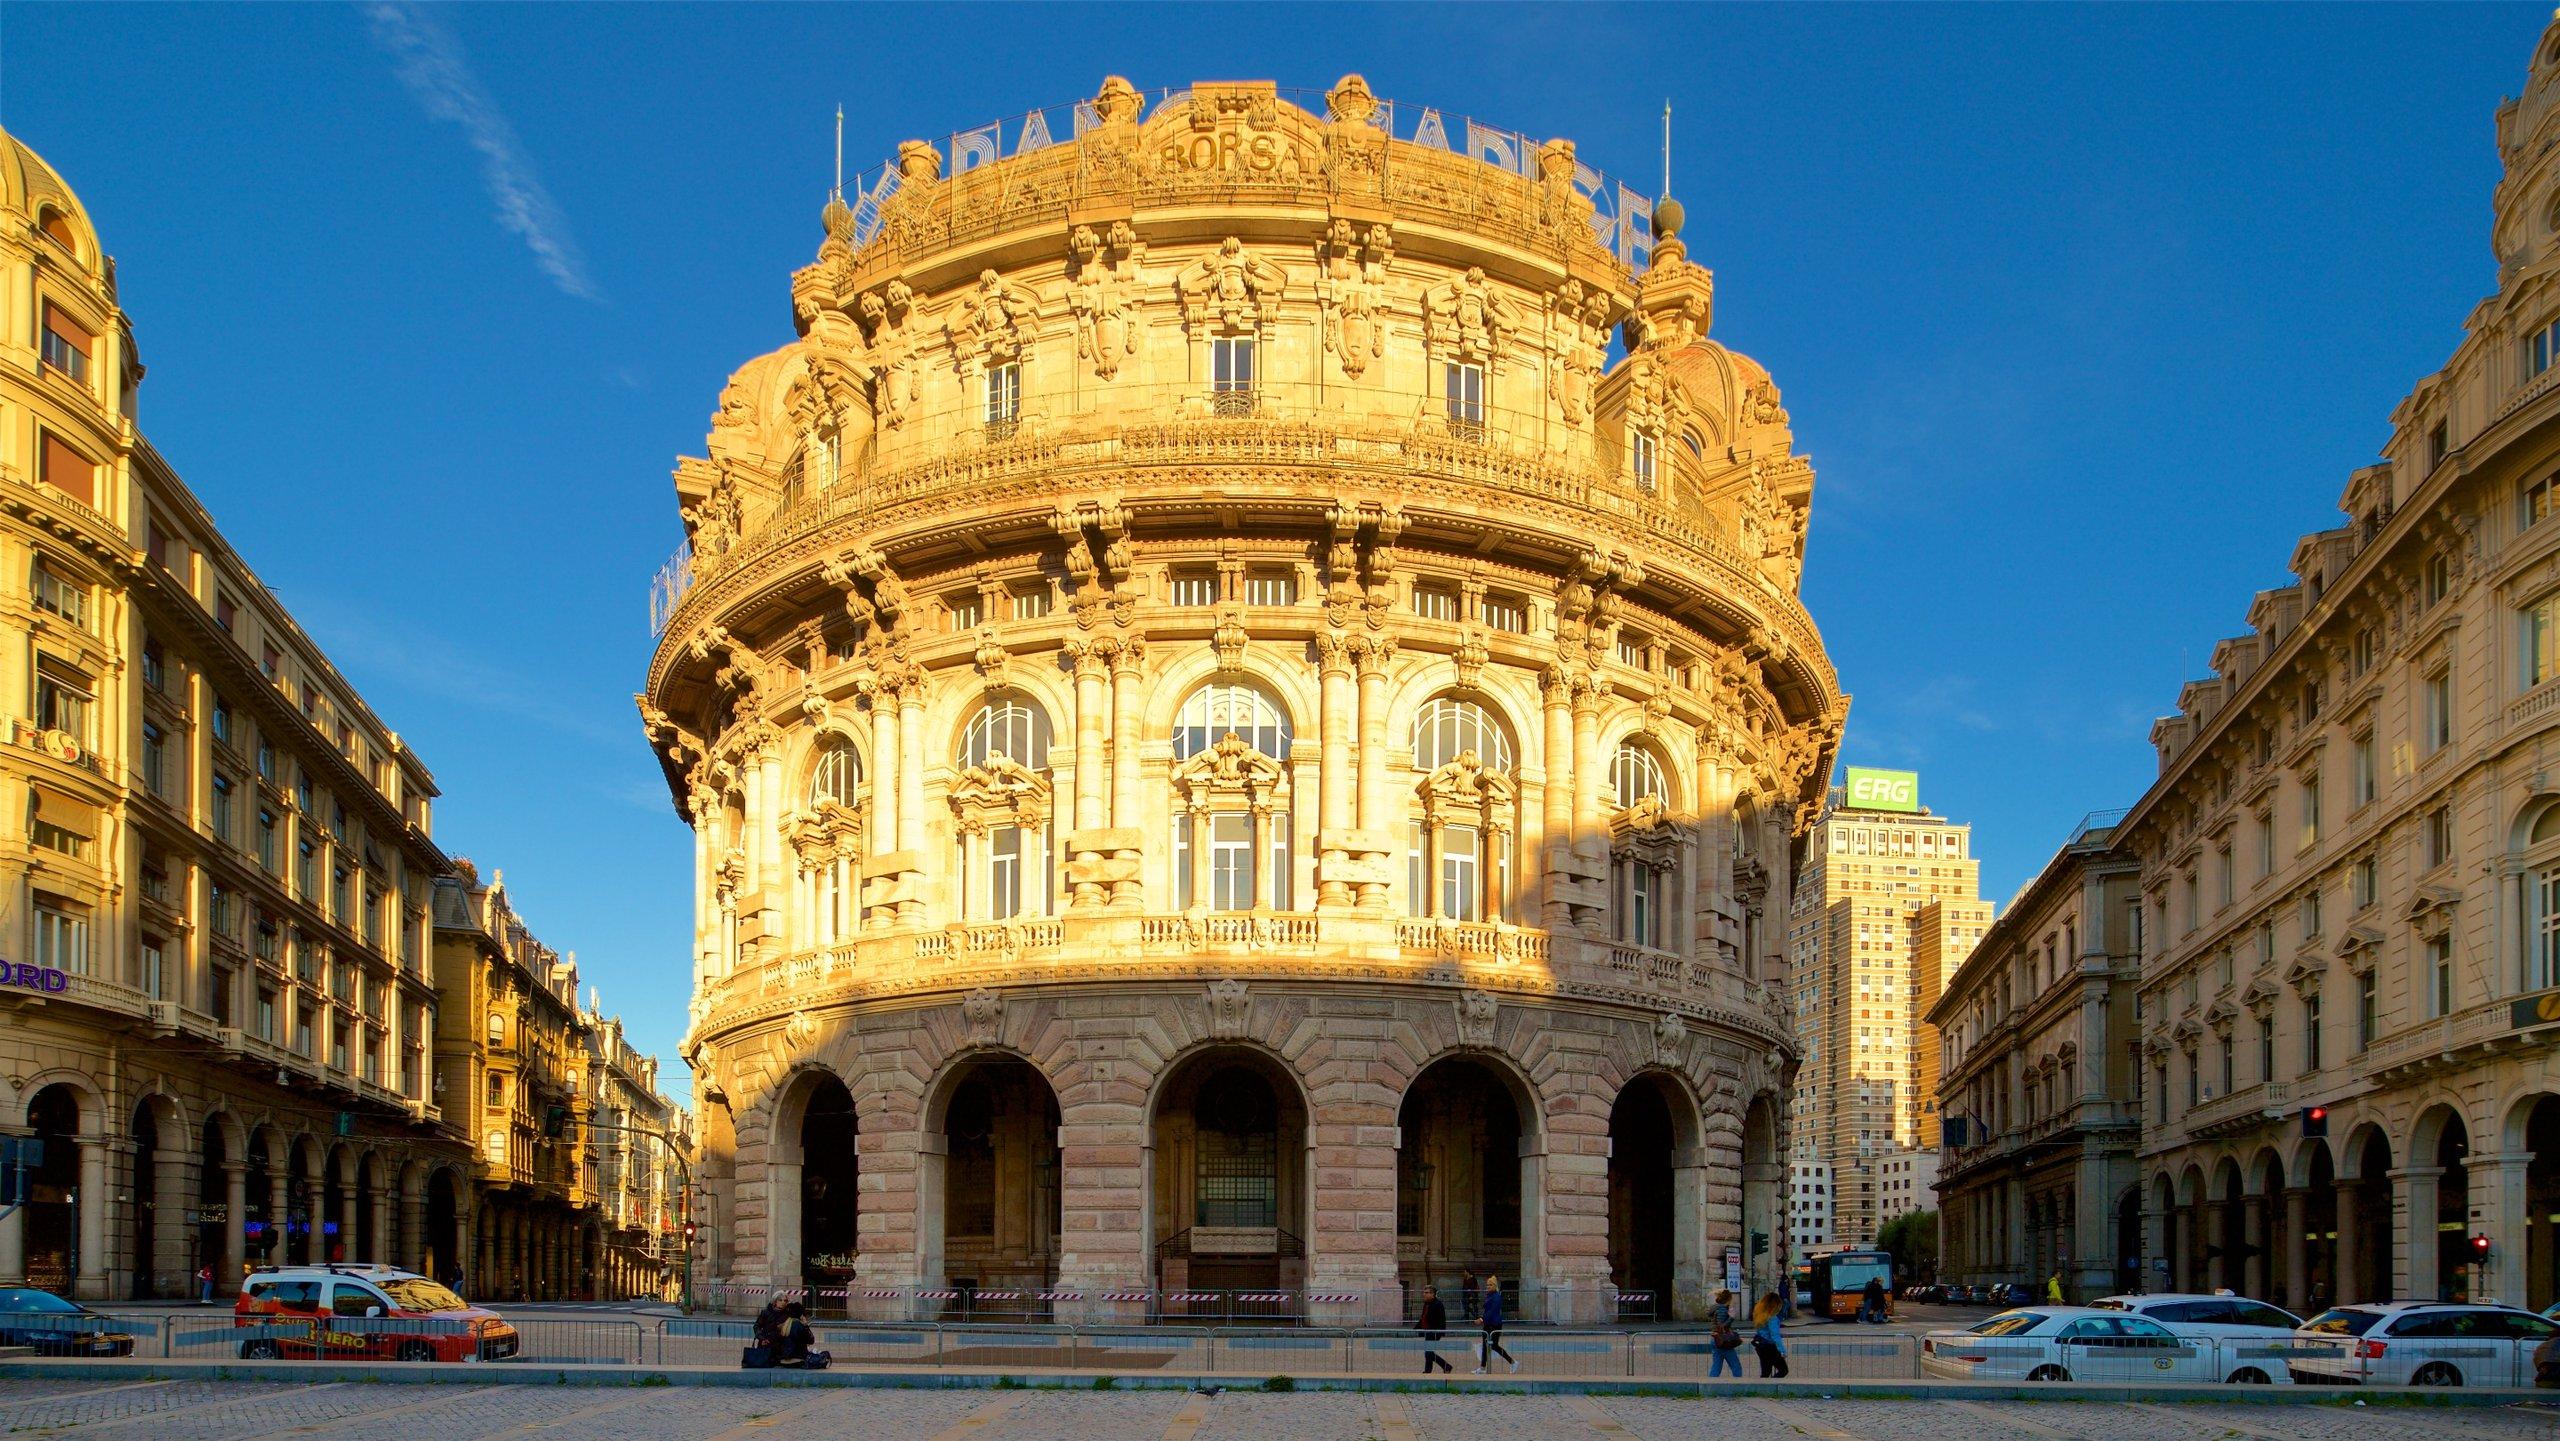 Dopo aver ammirato i pittoreschi negozi e caffè negli angusti vicoli che portano alla piazza più importante di Genova, visitate i suoi edifici storici.